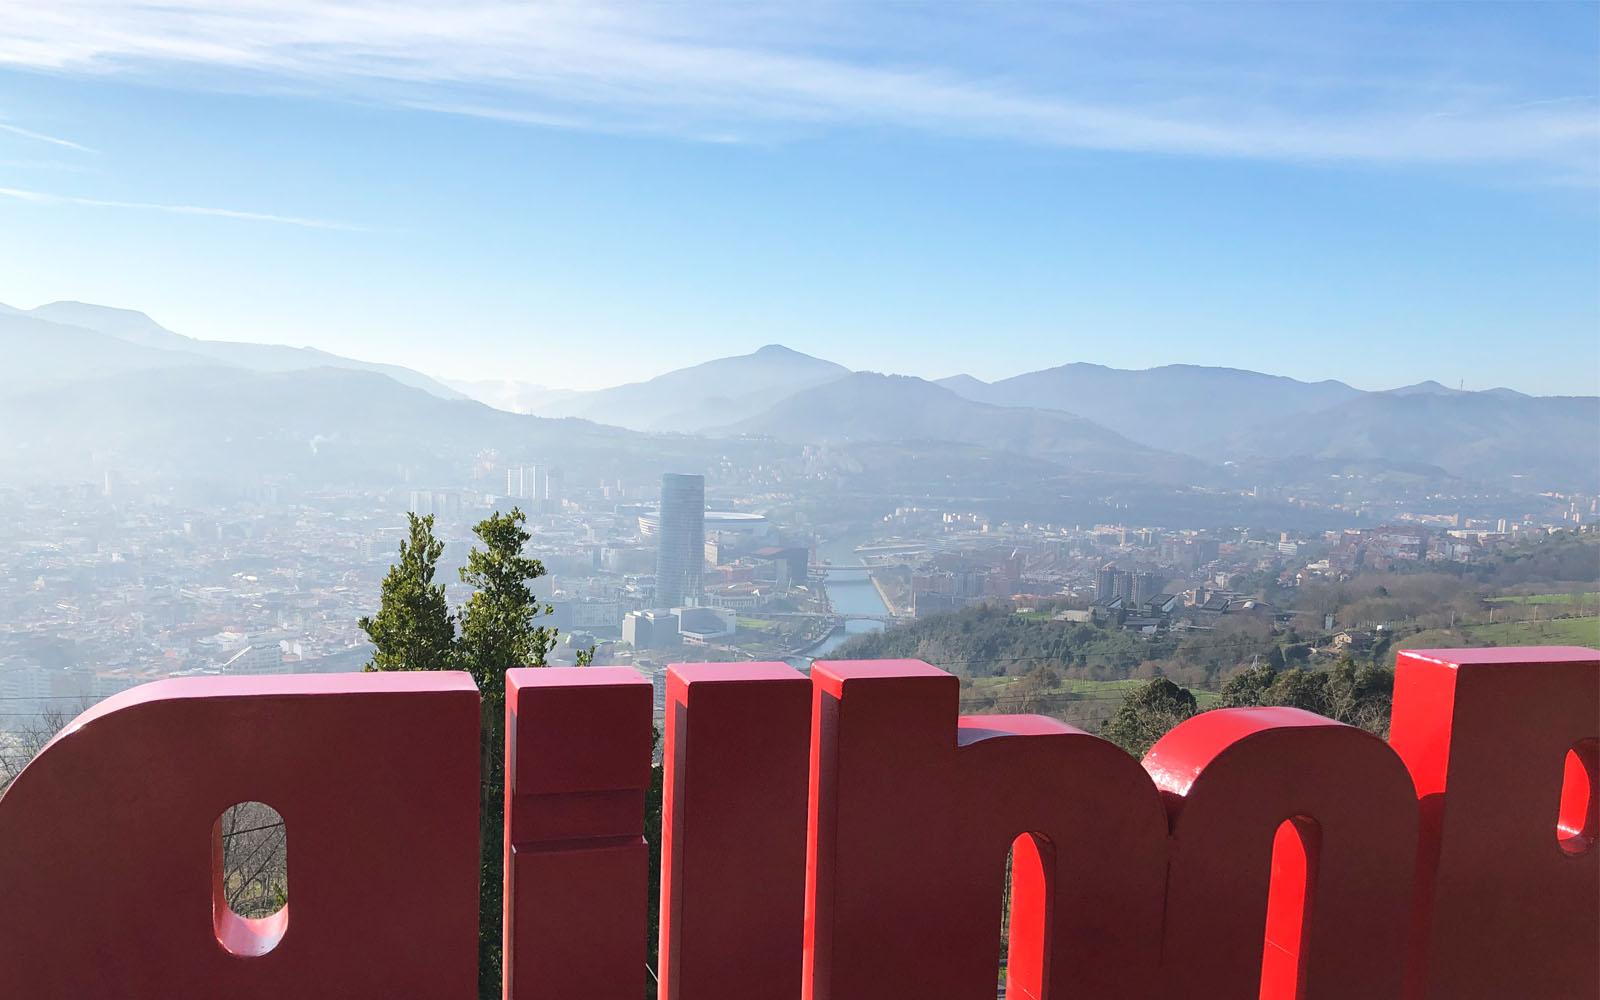 La veduta panoramica di Bilbao dal Monte Artxanda.